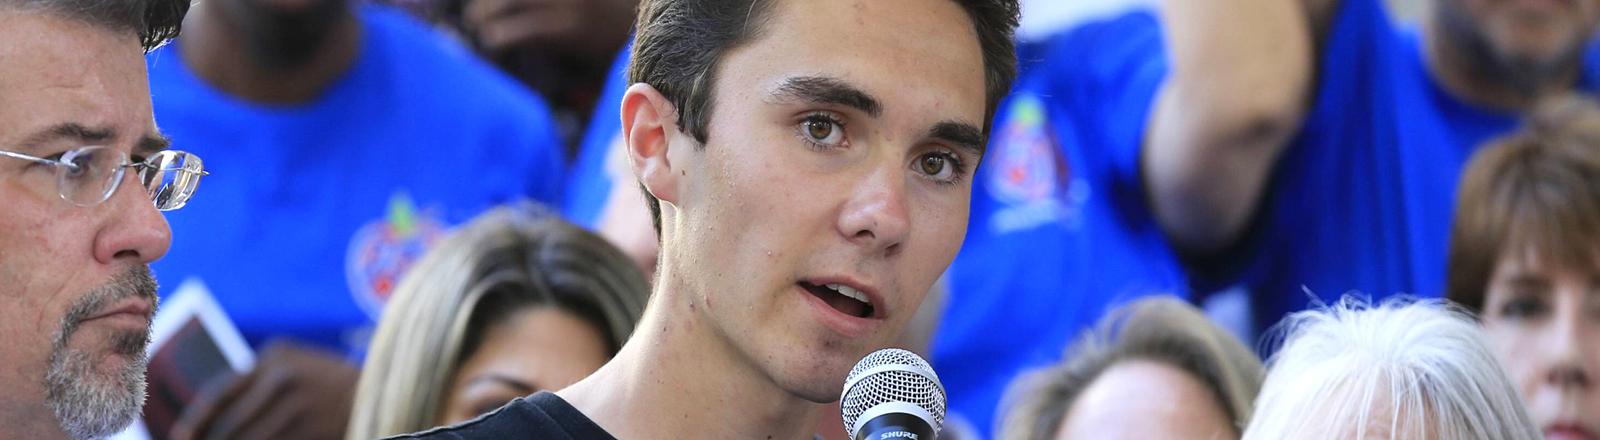 David Hogg, Schüler auf einer Demo zur Verschärfung der Waffengesetze